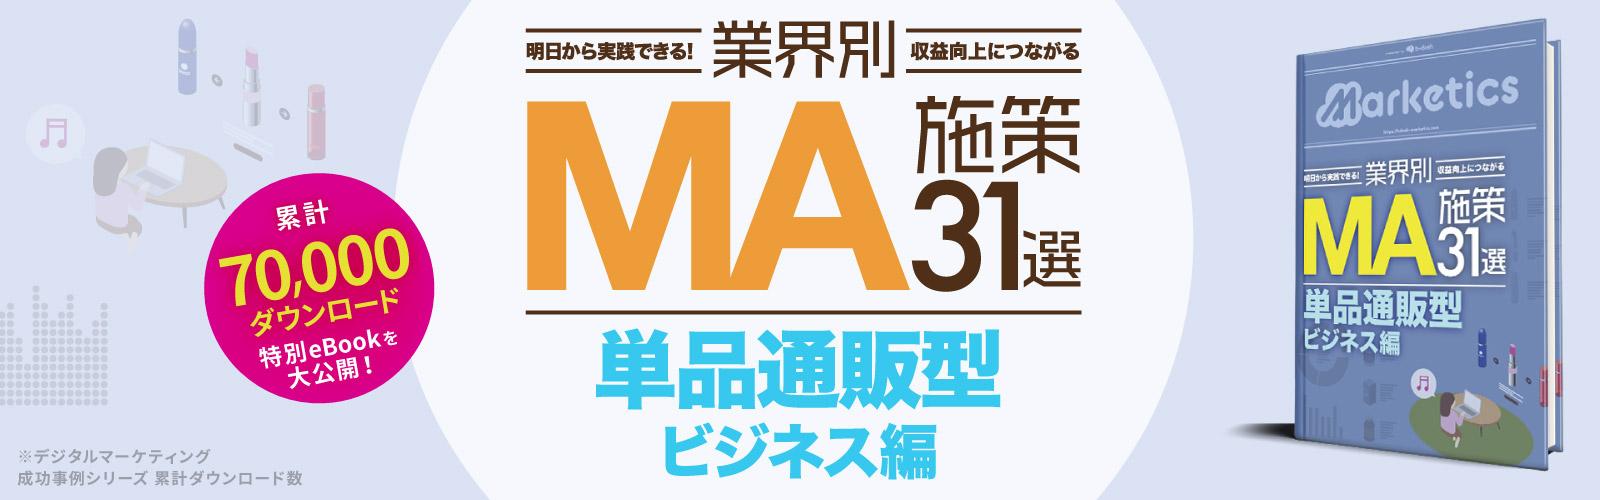 業界別MA施策31選<br /> 「単品通販型ビジネスモデル編」